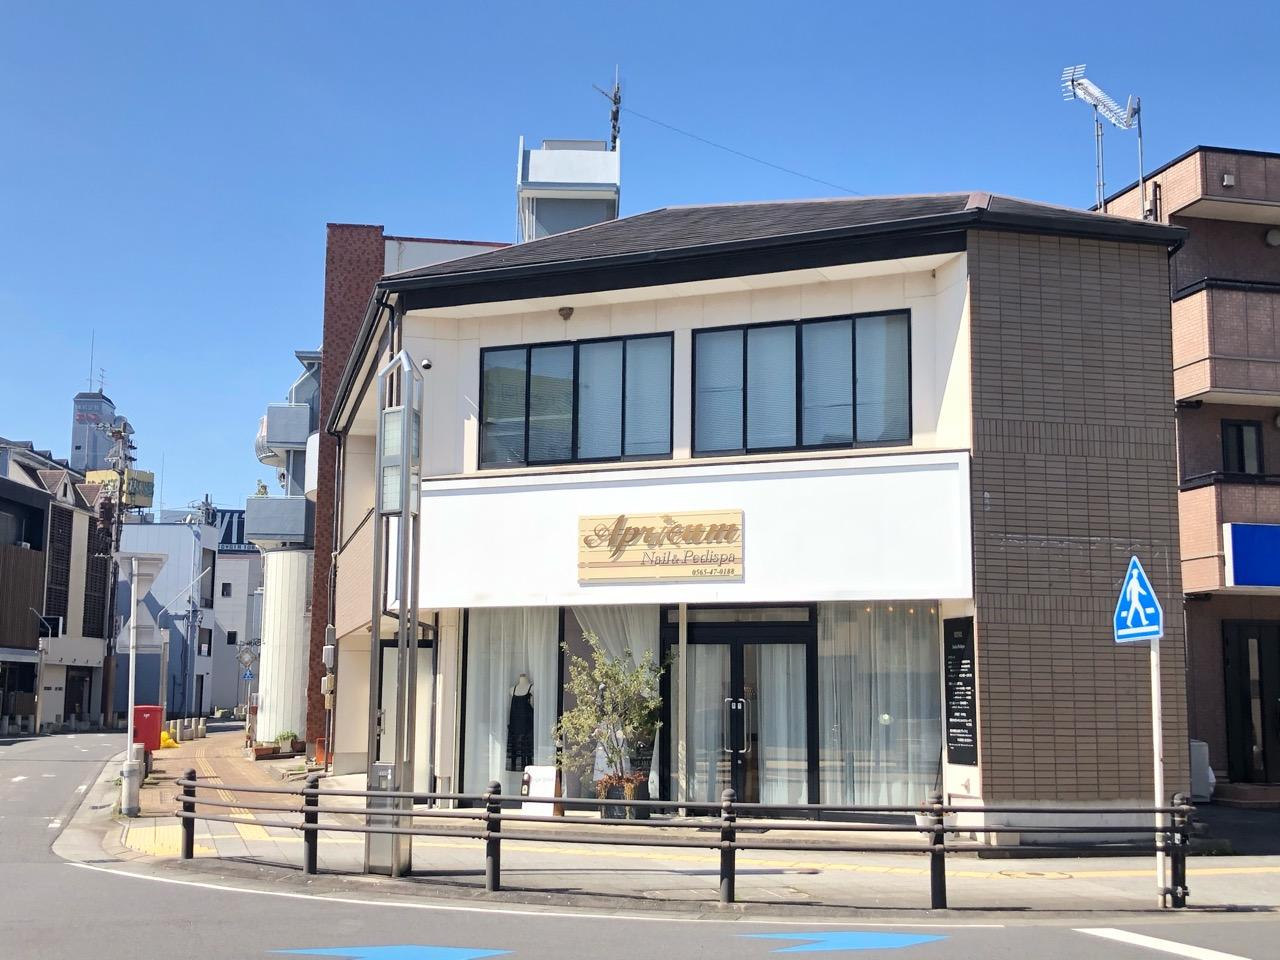 ワークベンチコーヒーロースターズがオープン予定の西町の建物